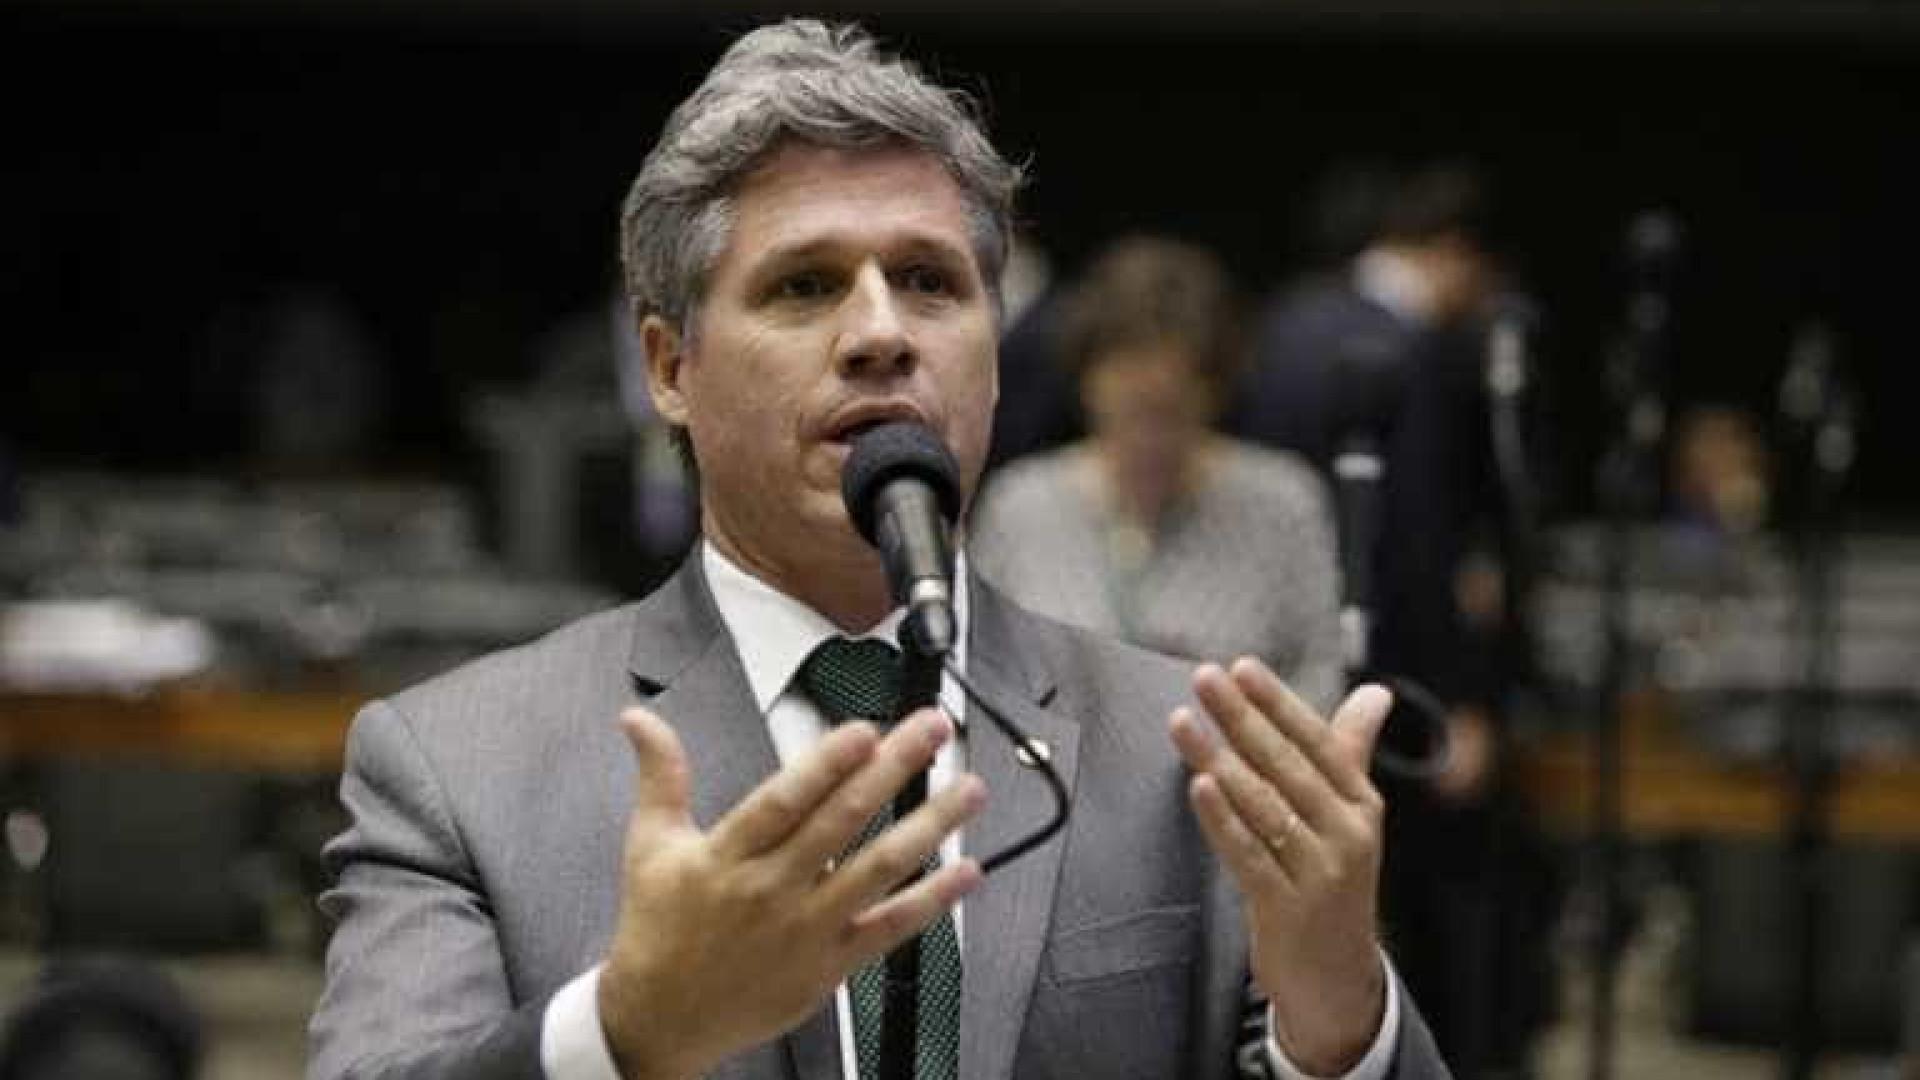 Deputado do PT defende aprimoramento de controle ao MP e ao Judiciário